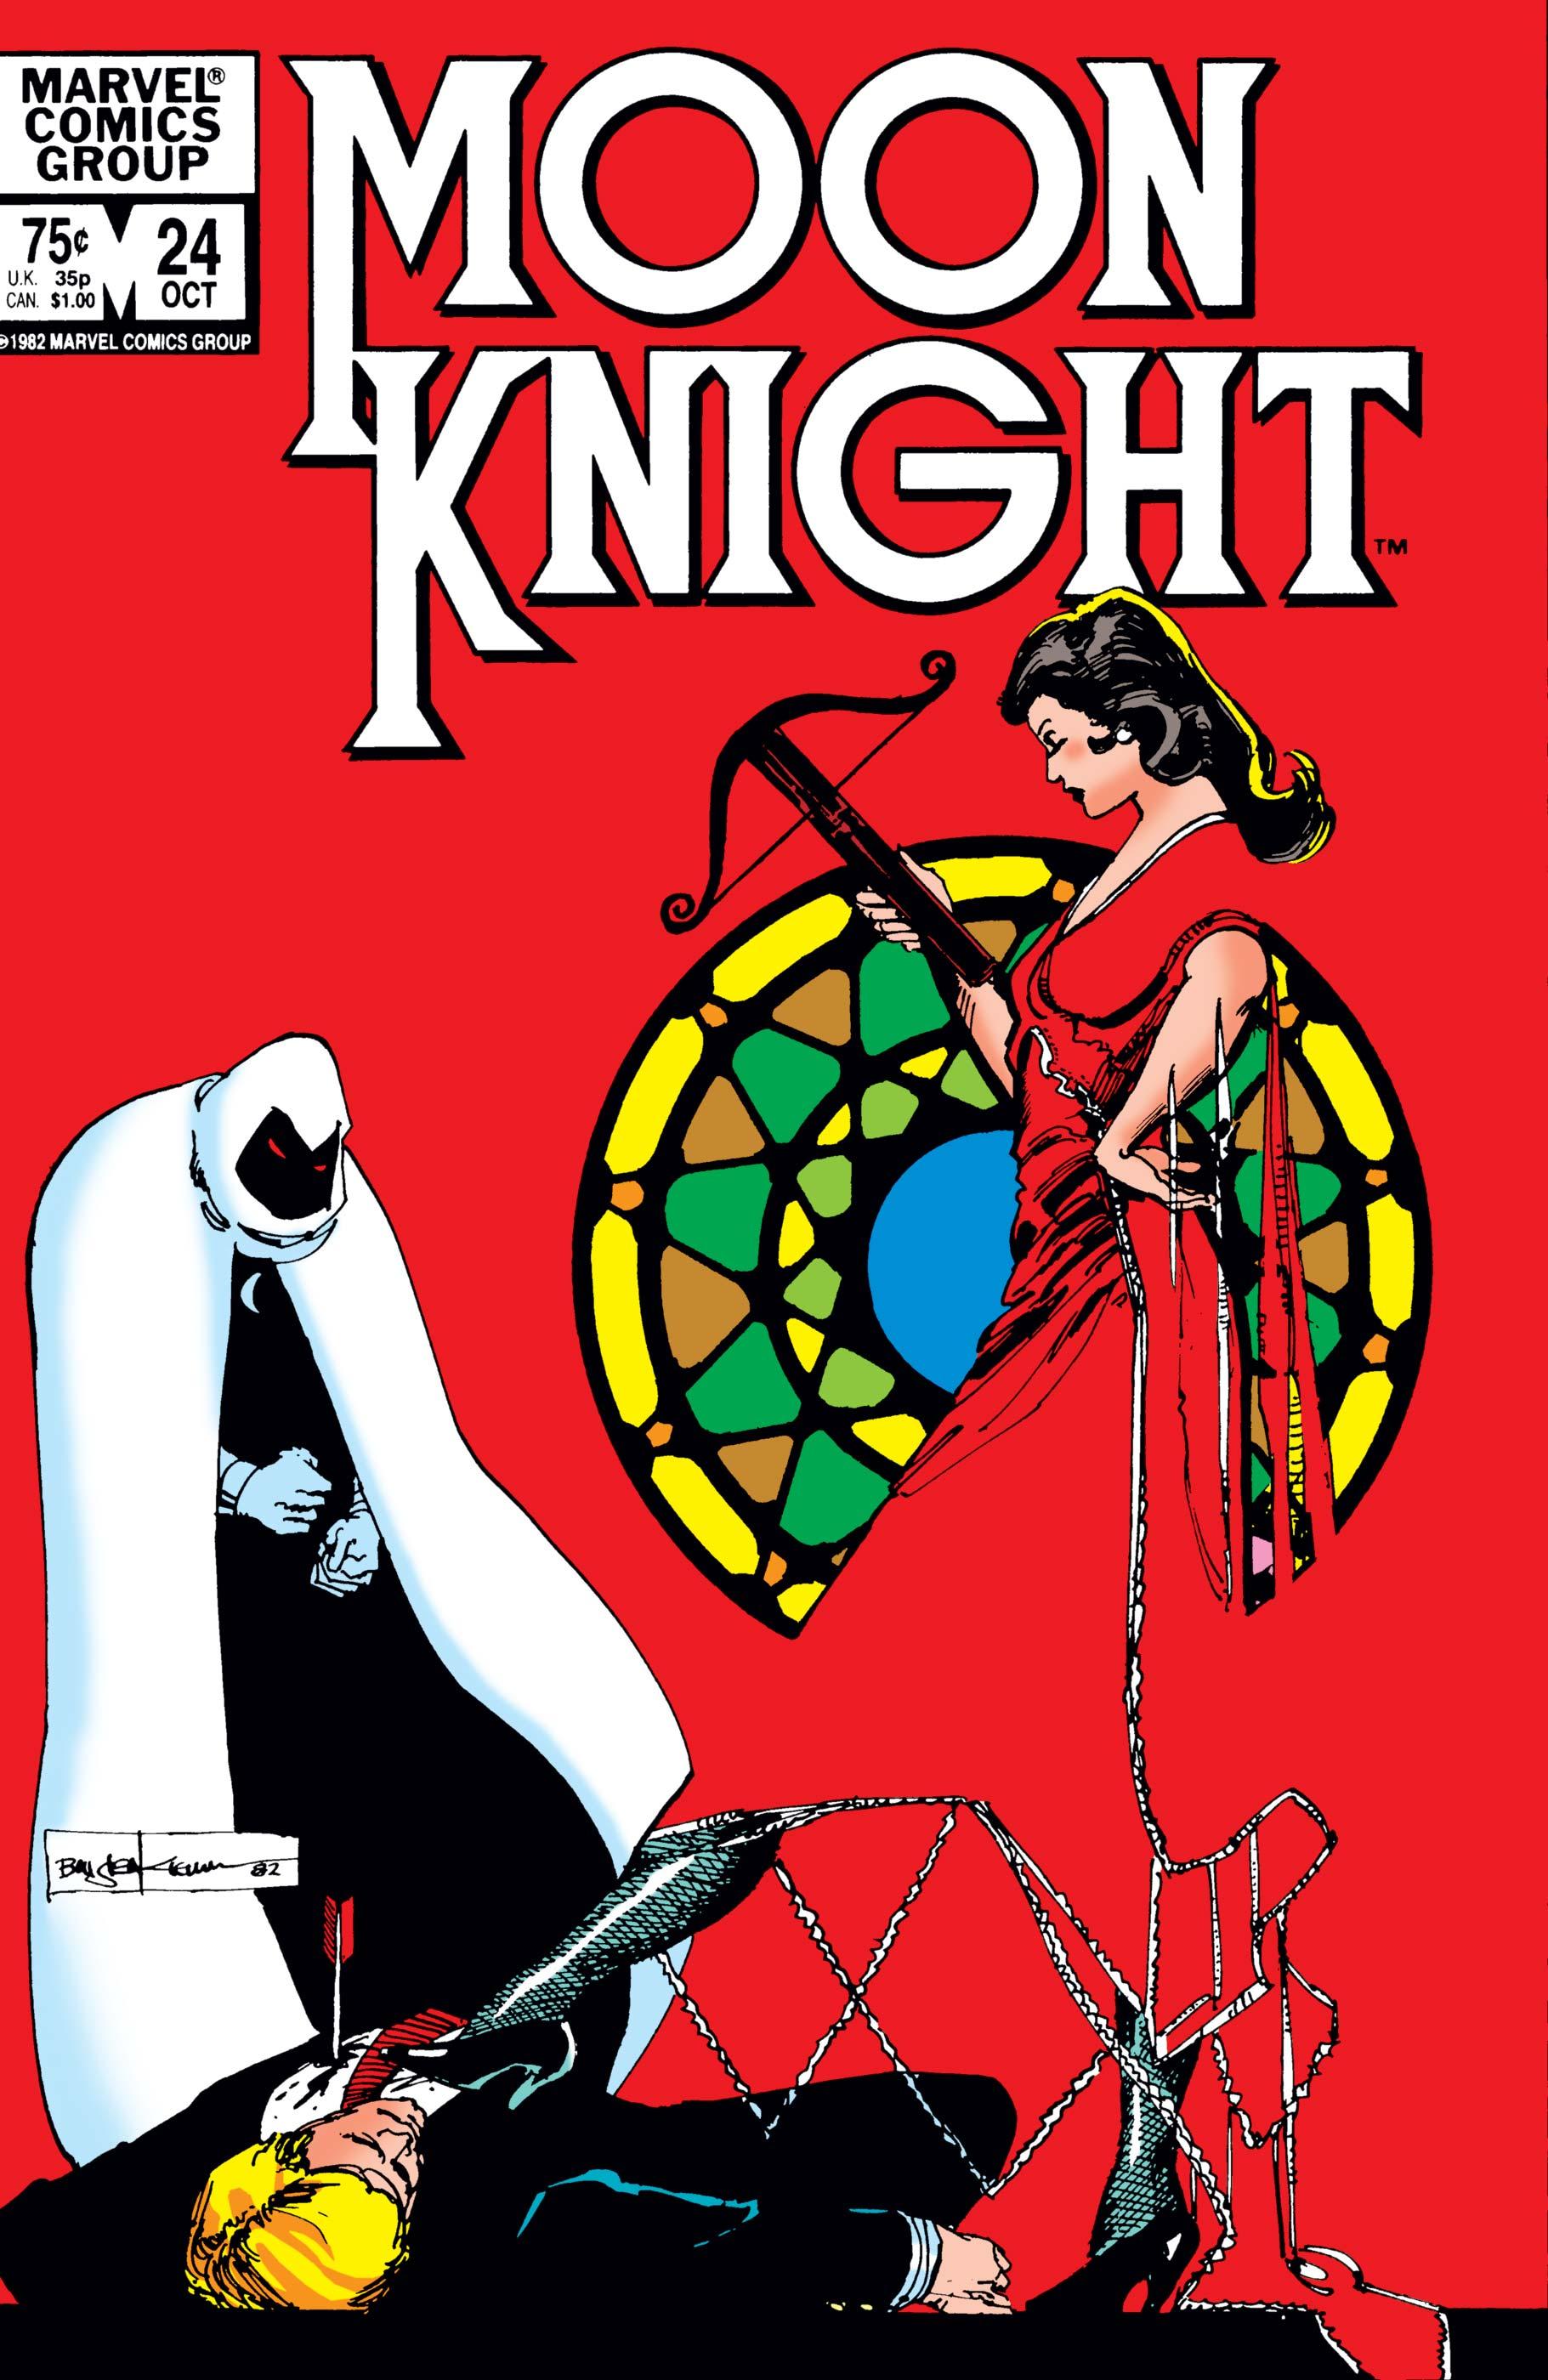 Moon Knight (1980) #24